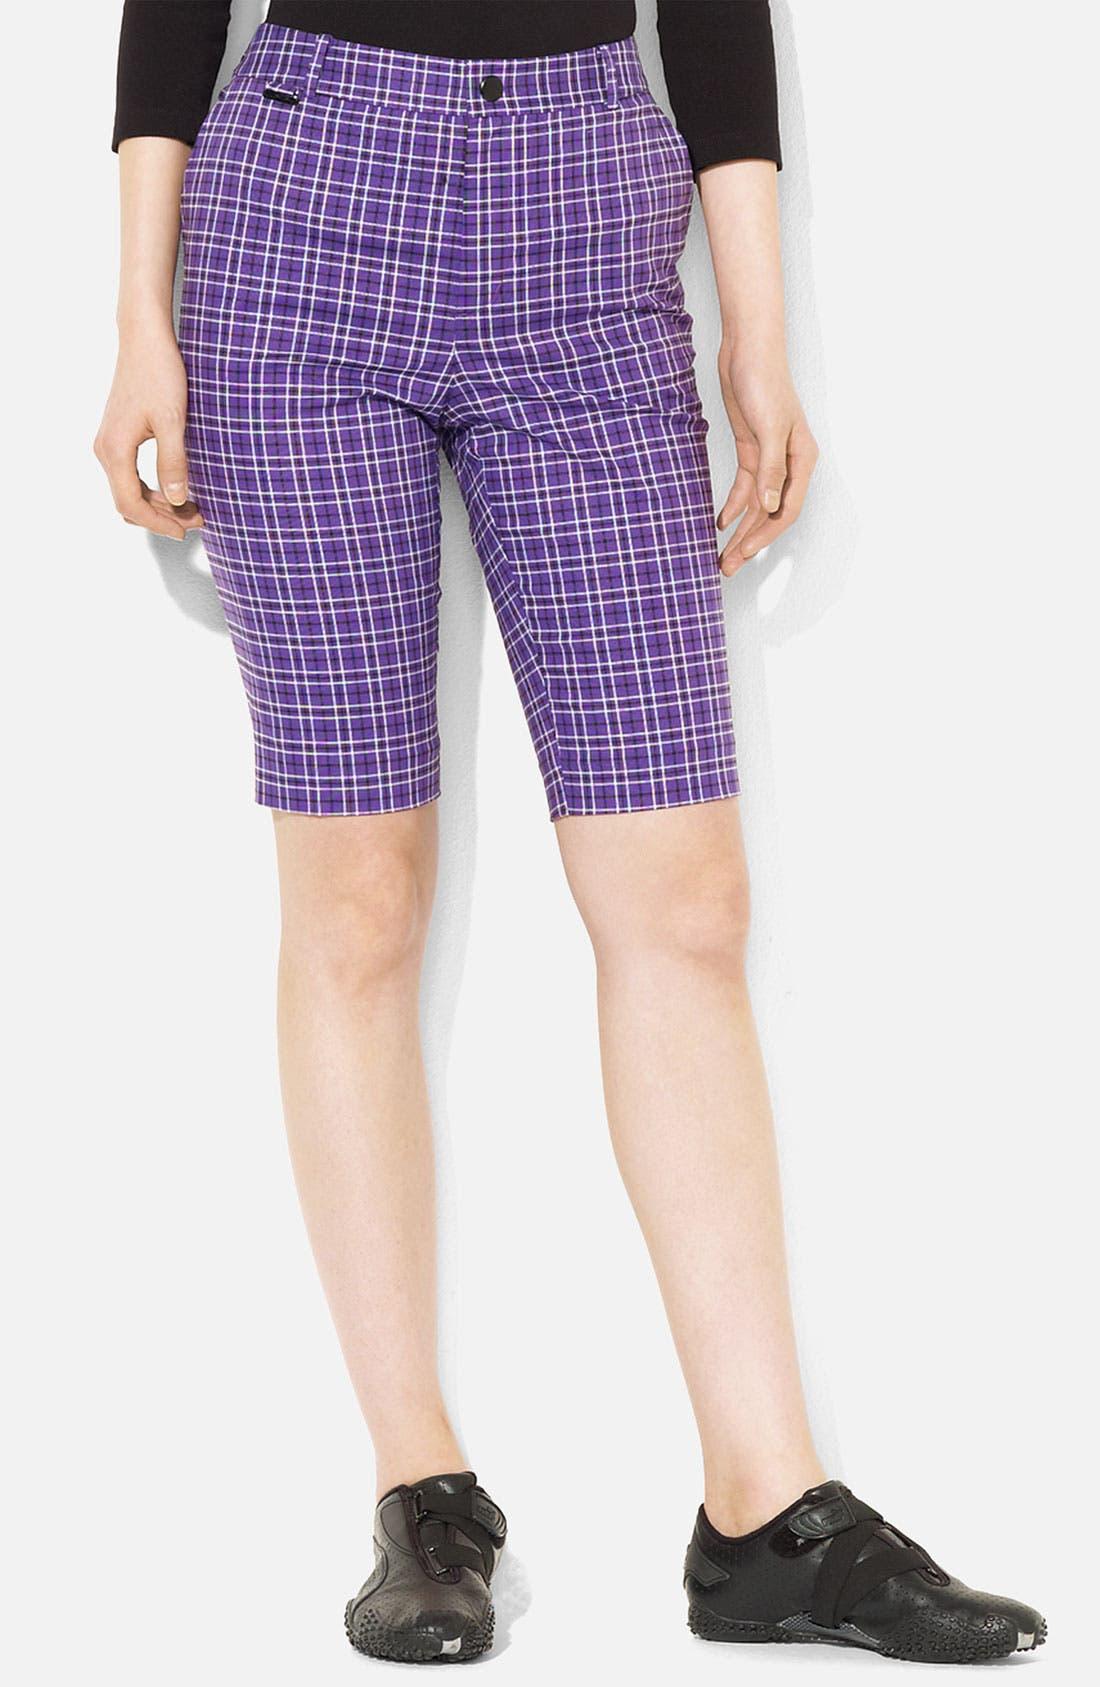 Alternate Image 1 Selected - Lauren Ralph Lauren Plaid Bermuda Shorts (Petite)